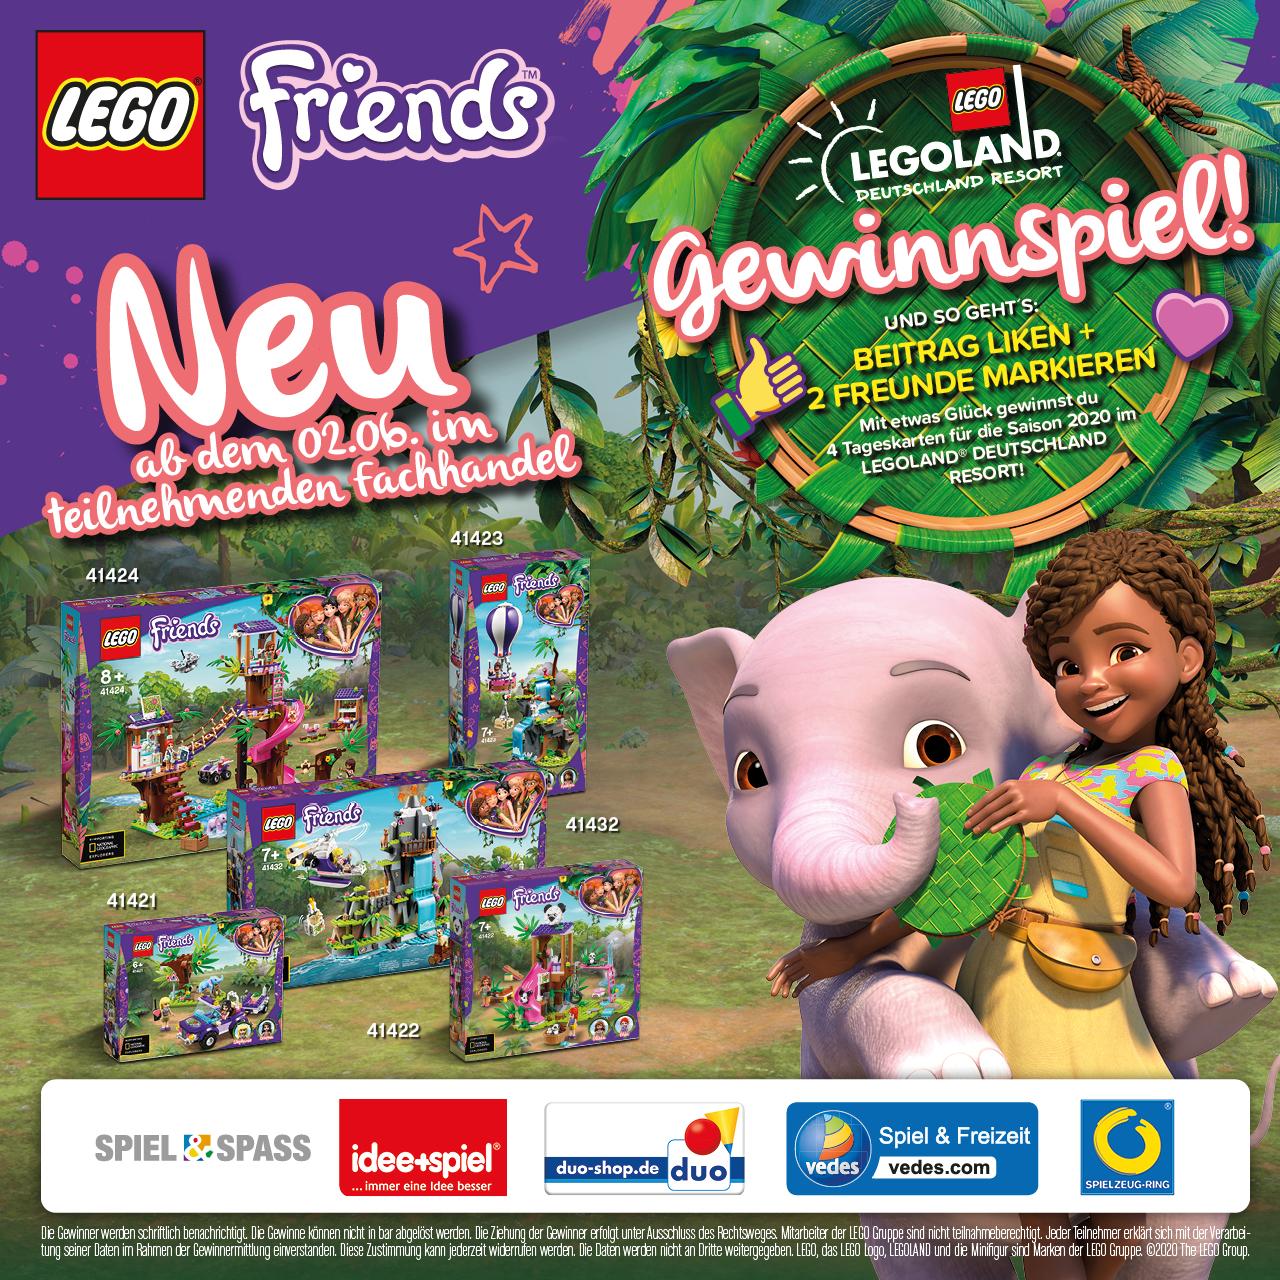 # Neuheiten Lego Friends Dschungel & Gewinnspiel